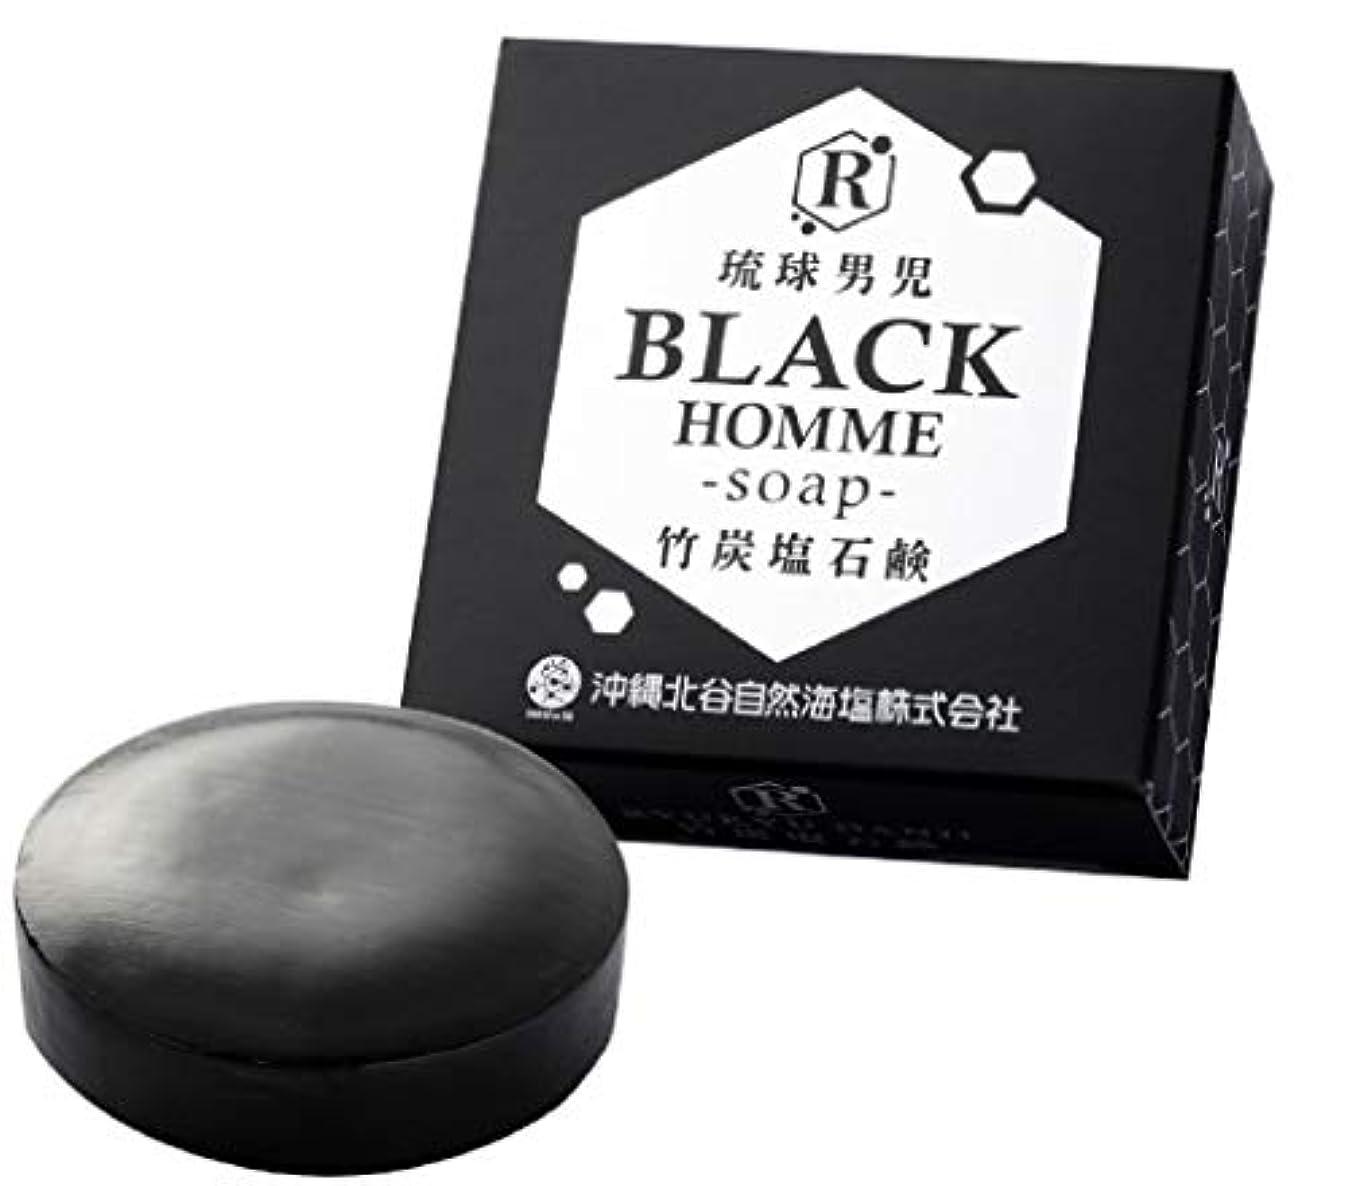 キャプテン農学アミューズメント【2個セット】琉球男児 竹炭塩石鹸 BLACK HOMME-soap- 60g 泡立てネット付き